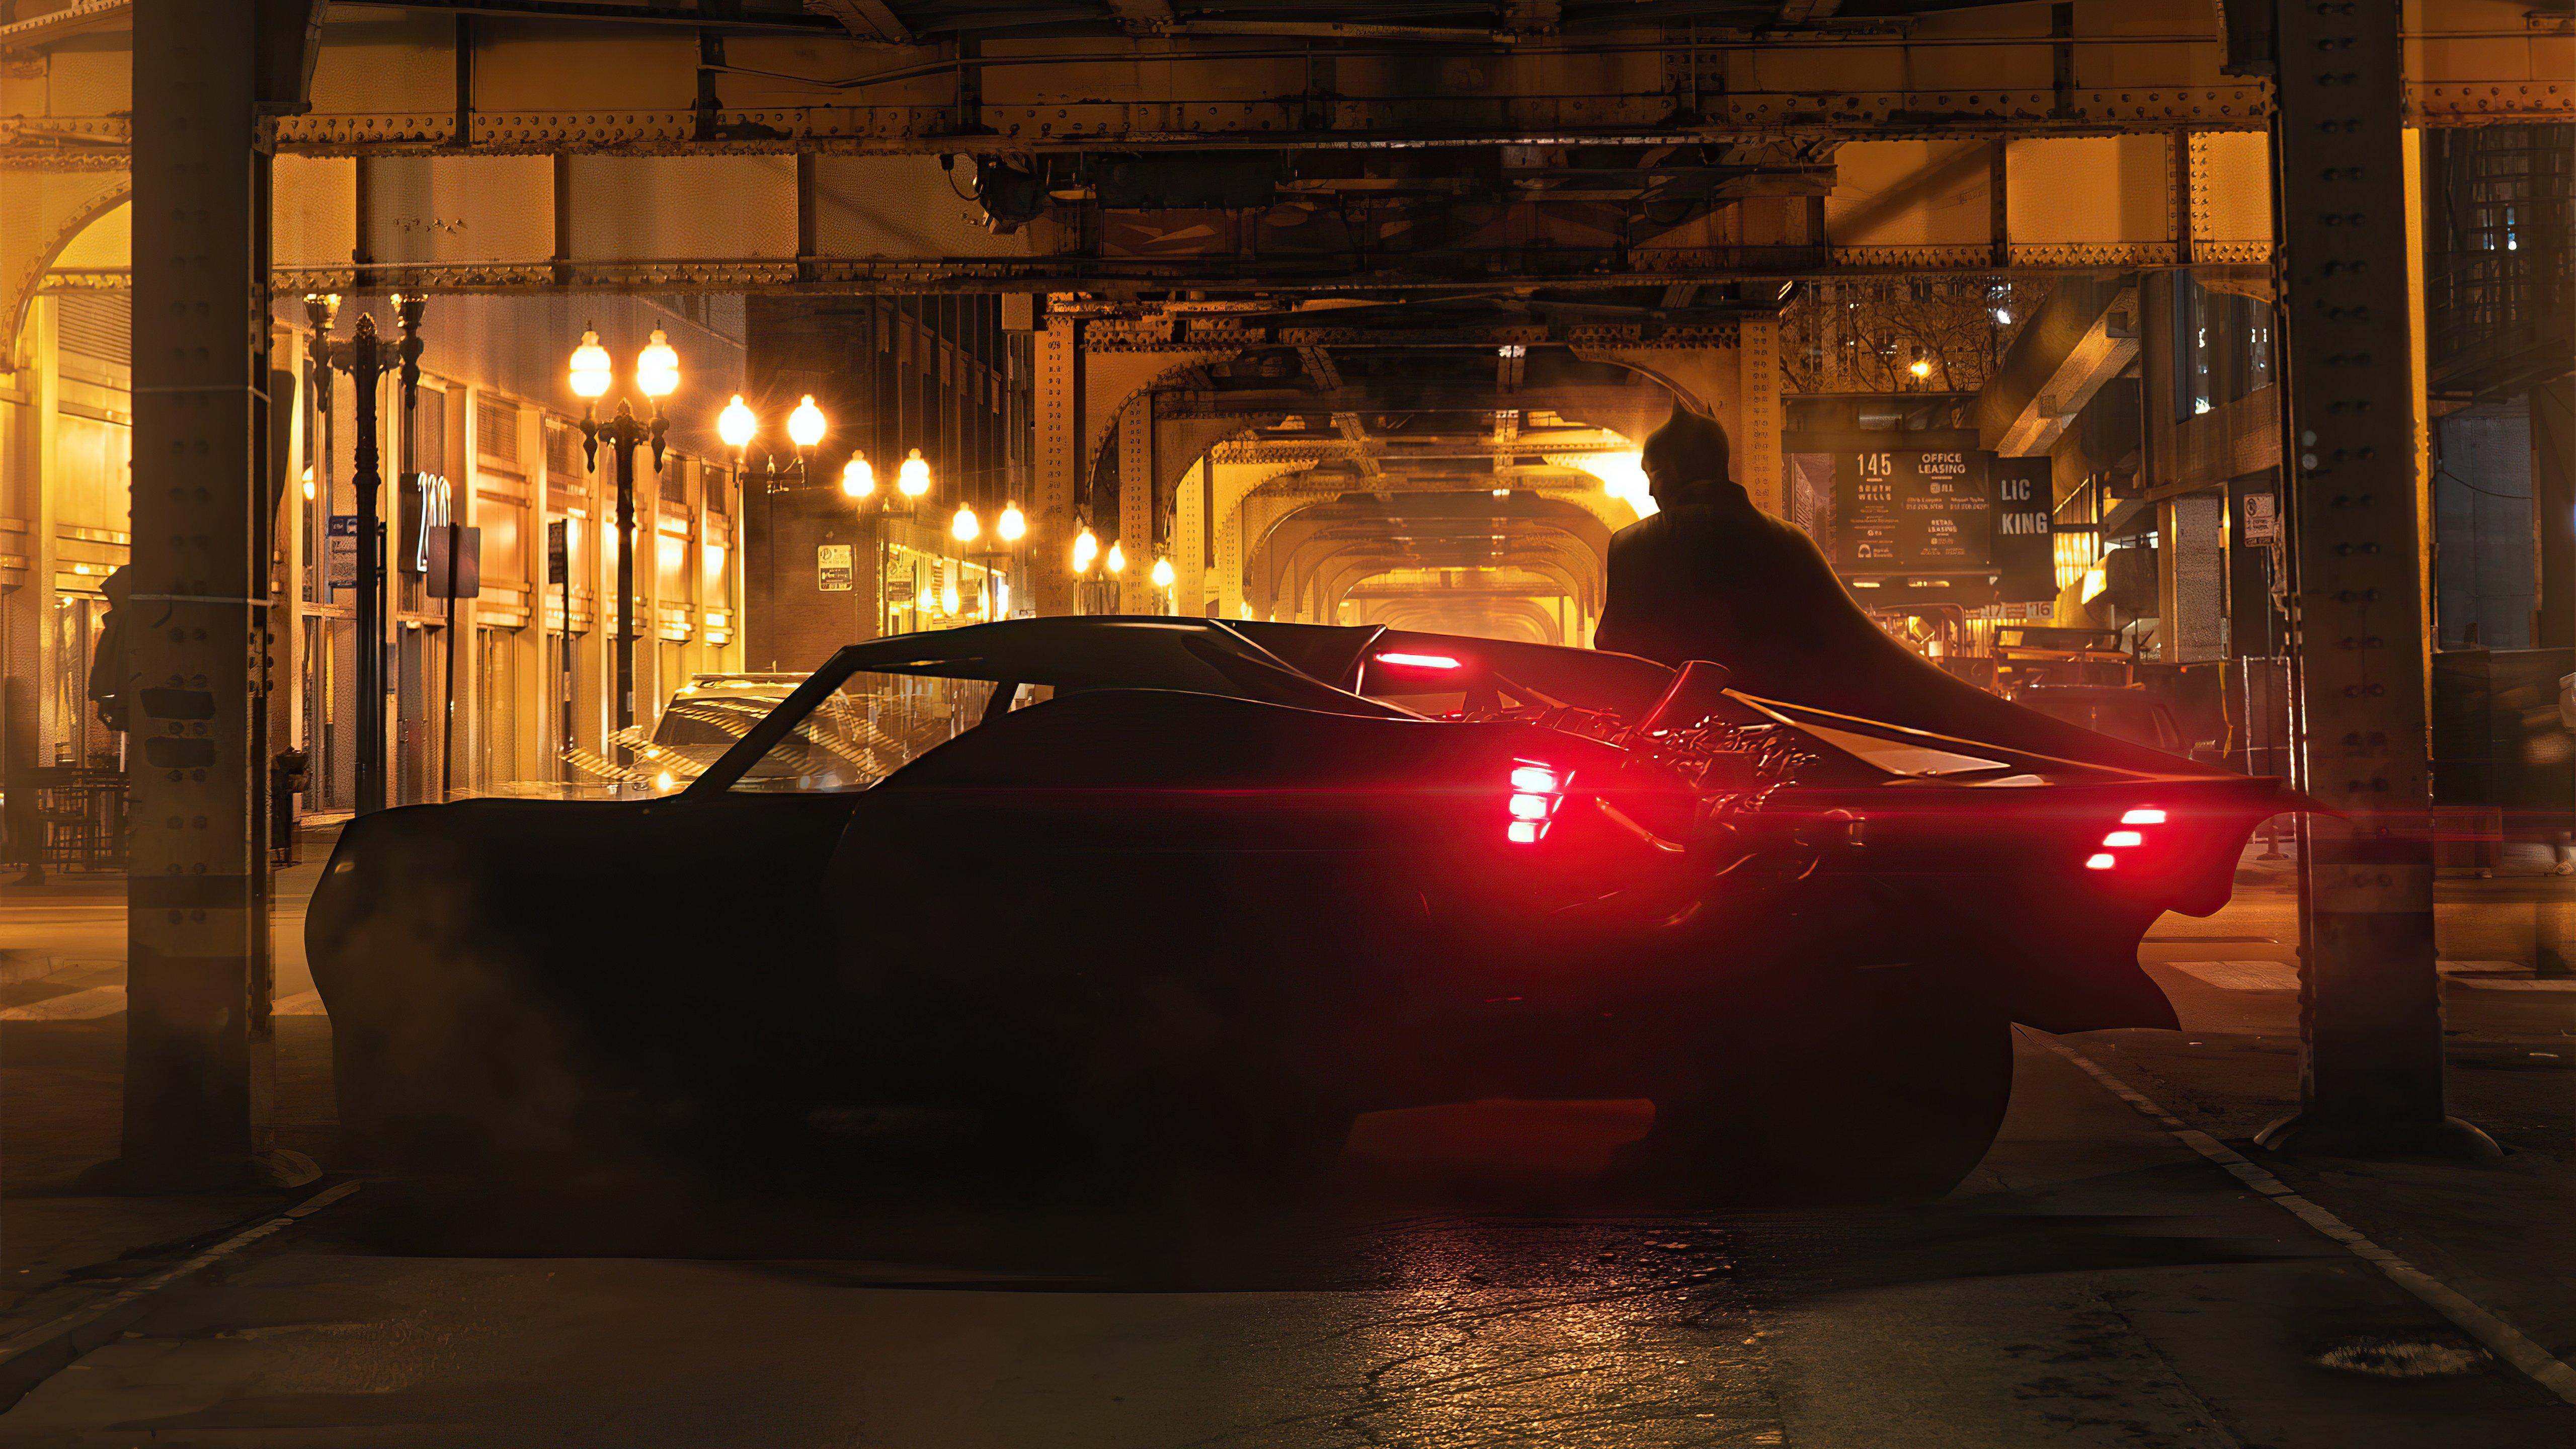 Fondos de pantalla Batman en ciudad gótica